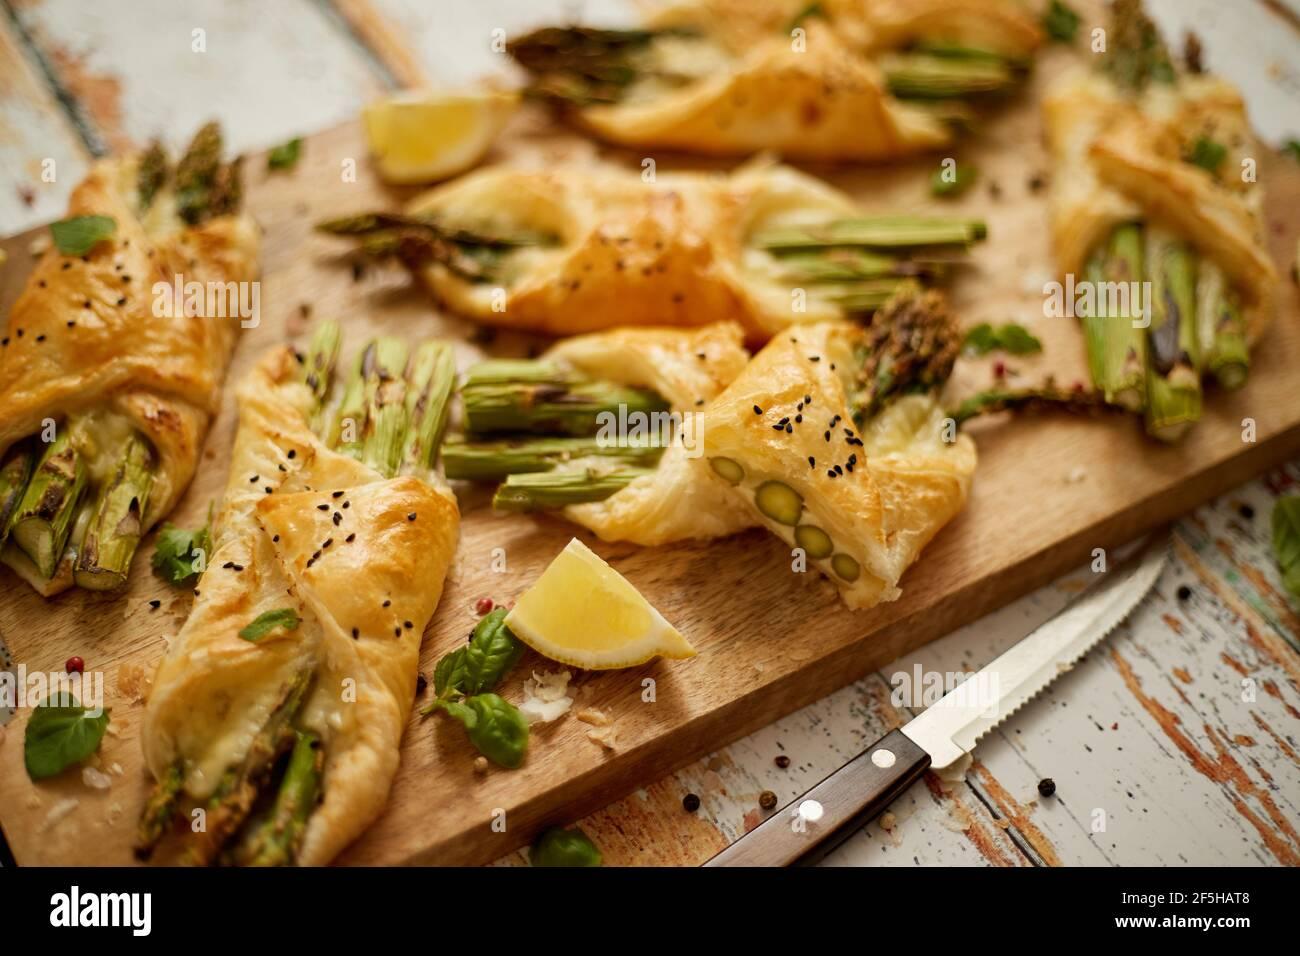 Espárragos verdes horneados envueltos en hojaldre. Servido en tabla de madera. Con enfoque selectivo Foto de stock